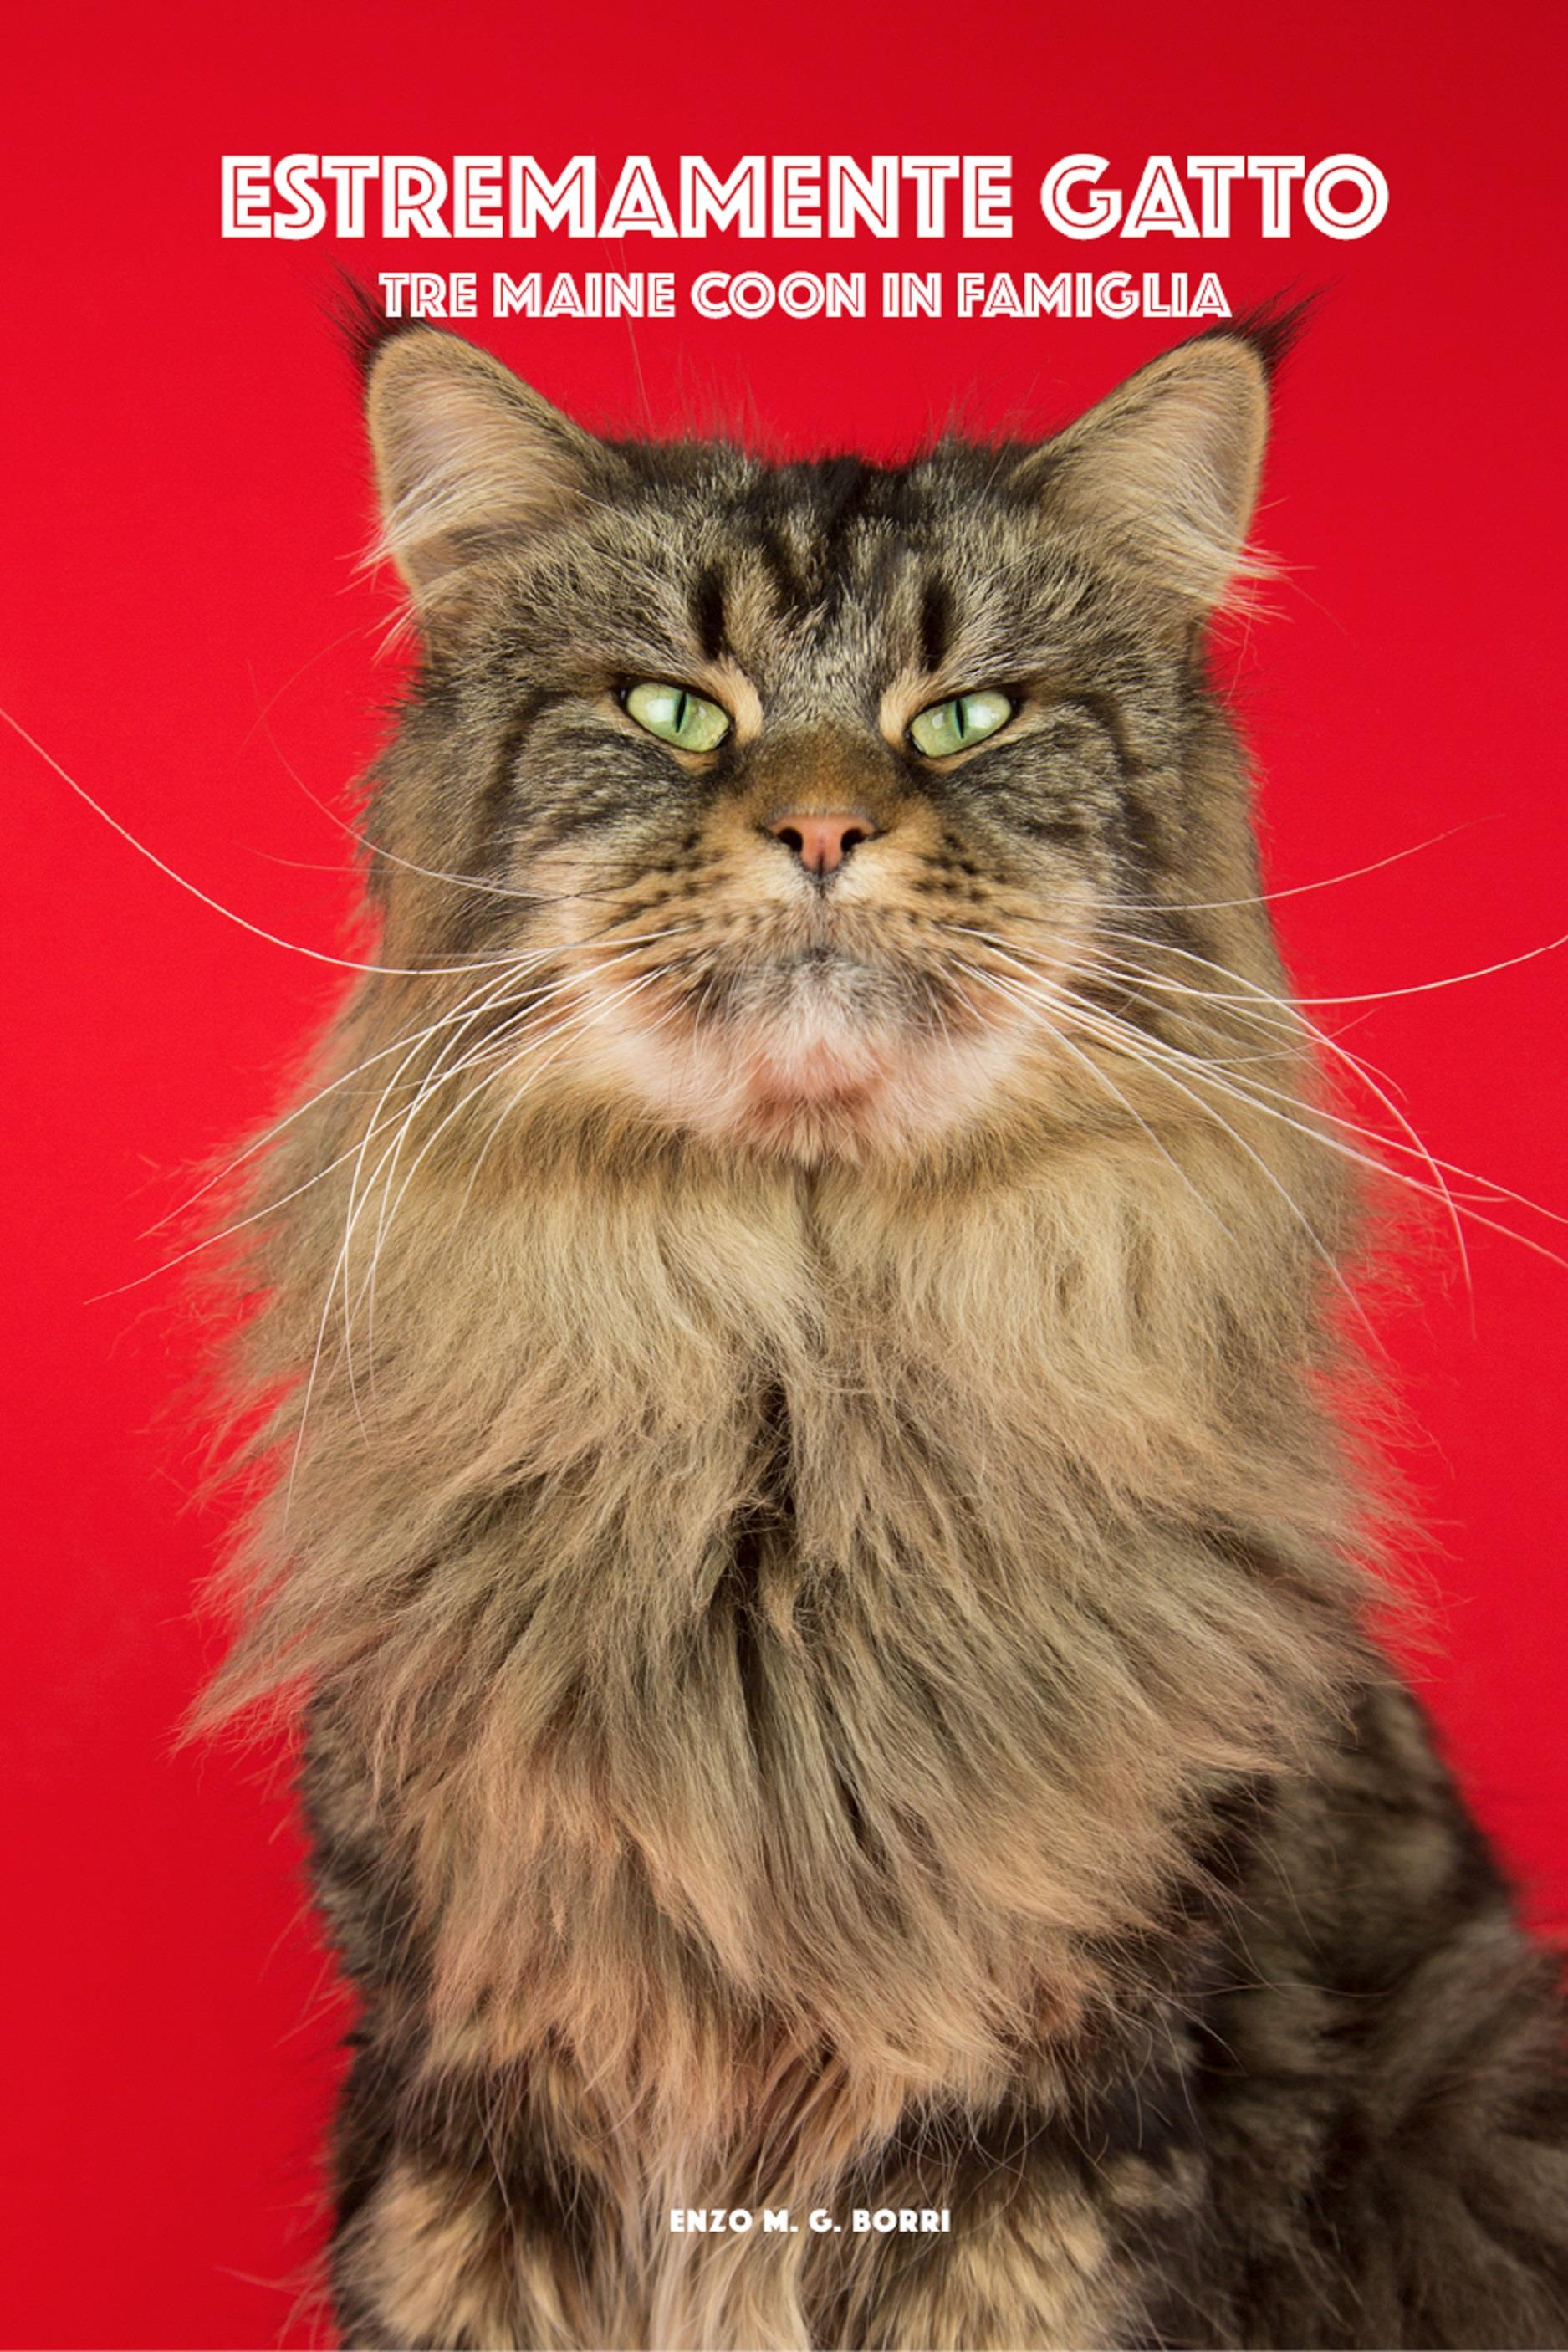 Estremamente gatto - Tre Maine Coon in famiglia